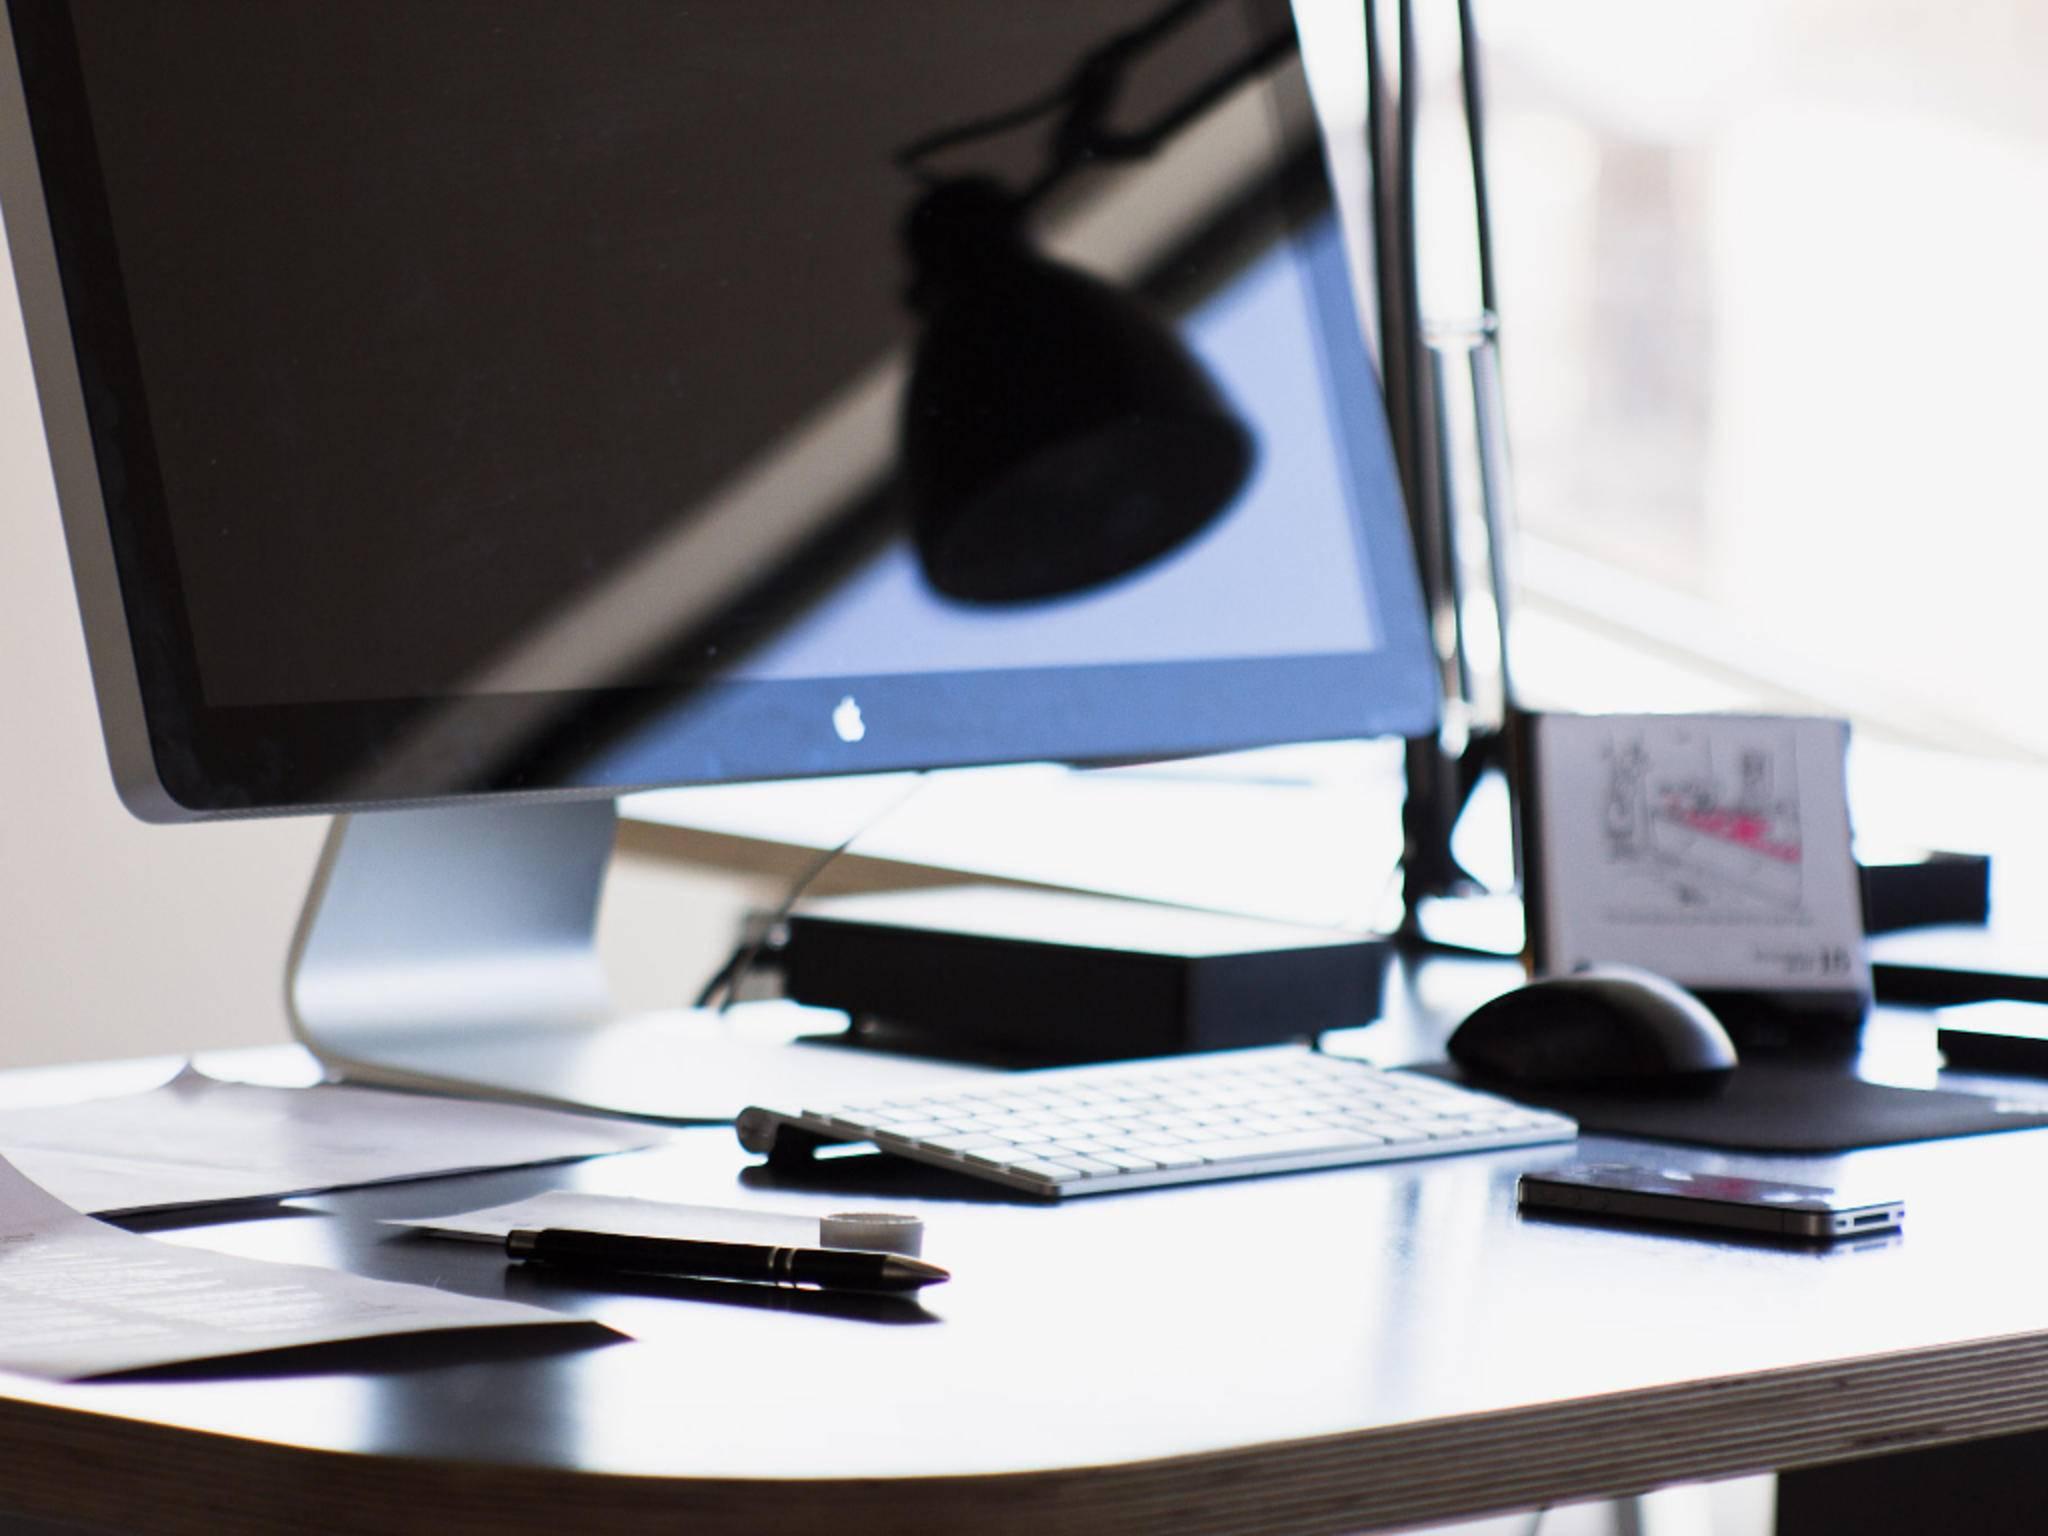 Im Gegensatz zum iMac hat das Thunderbolt Display noch keine 5K-Auflösung.